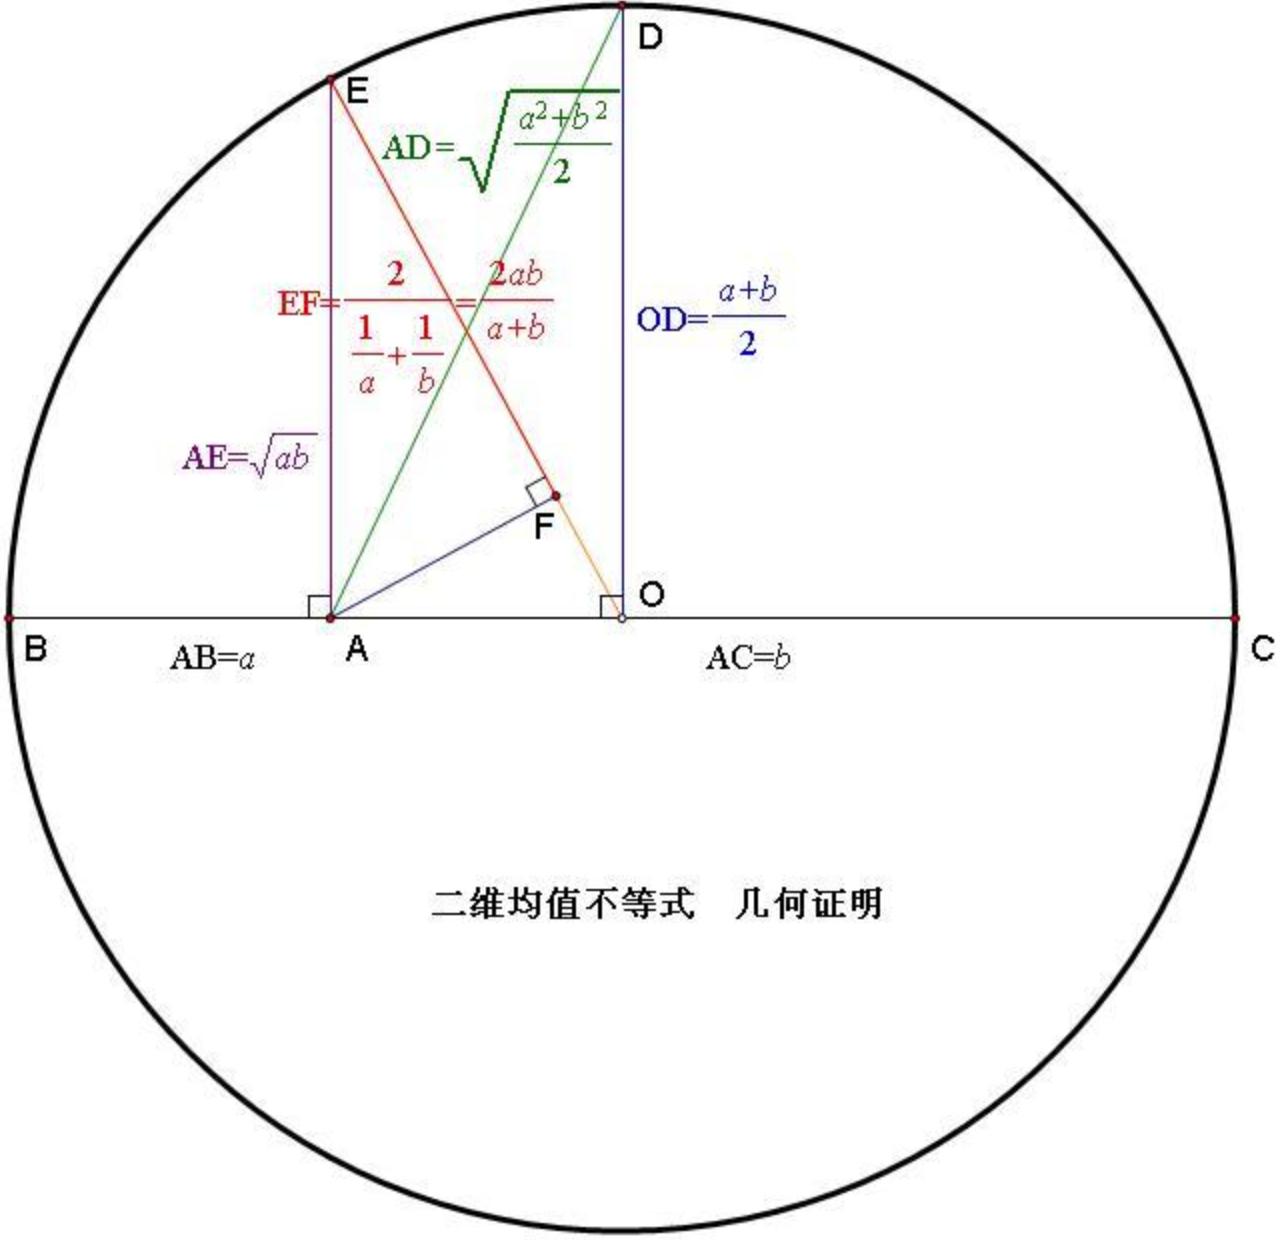 二维均值不等式的几何证明